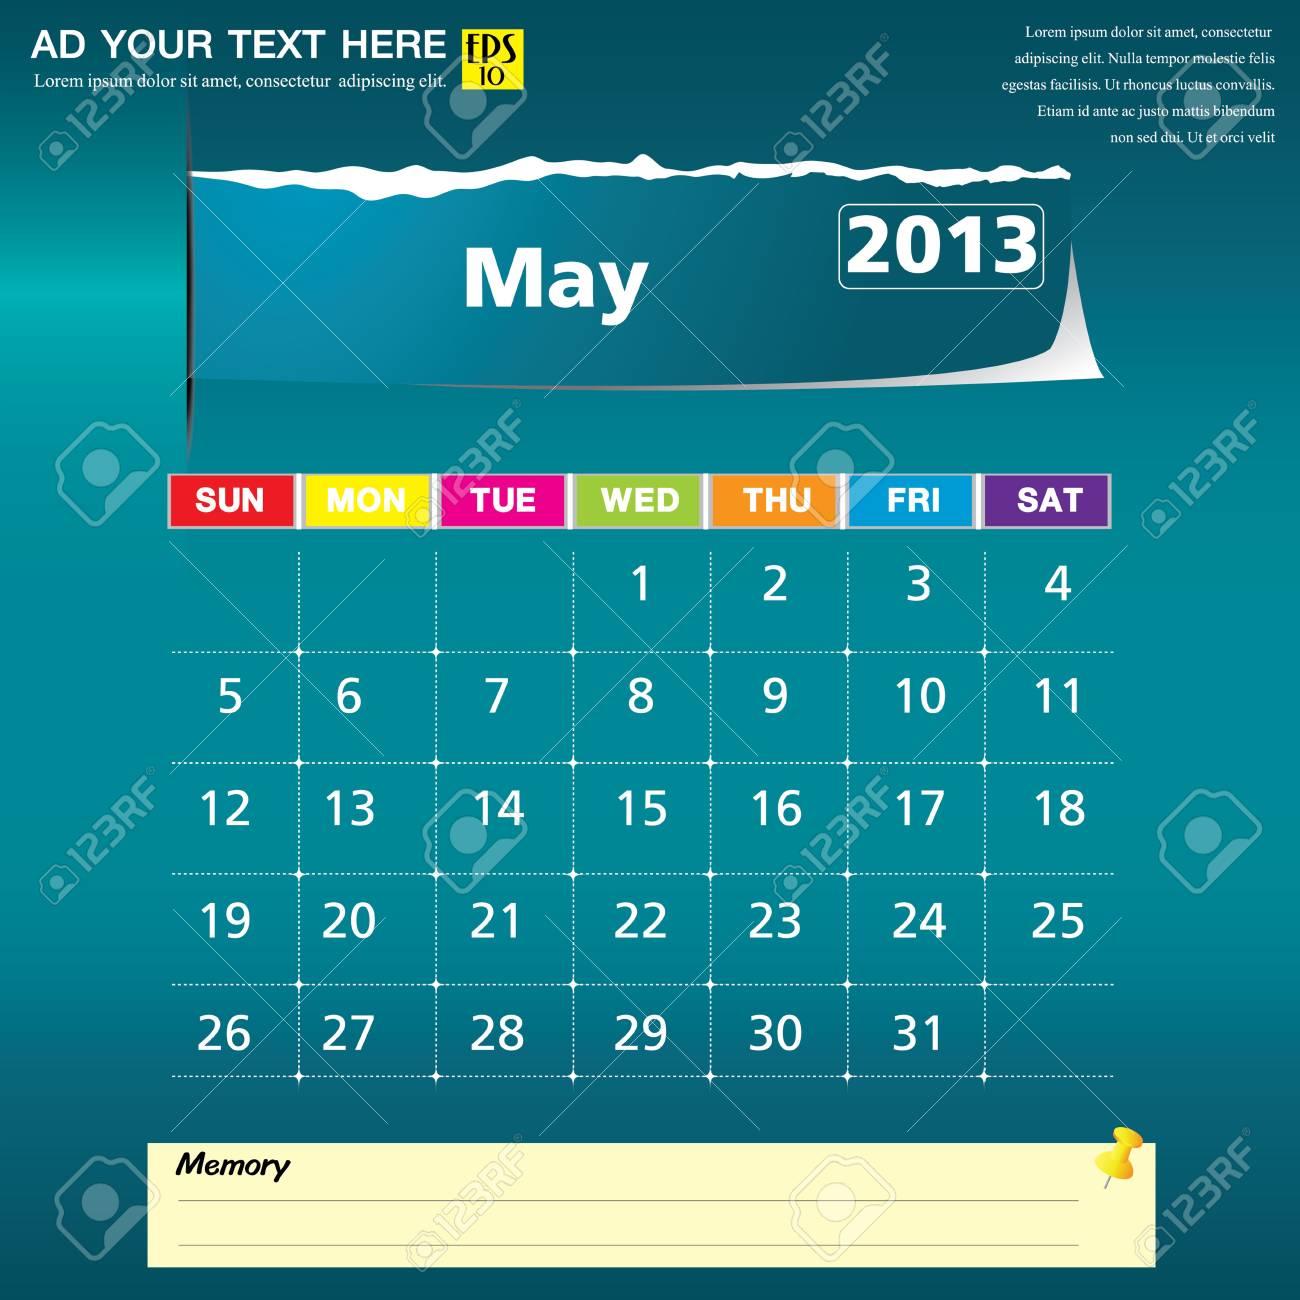 May 2013 calendar vector illustration Stock Vector - 16319386